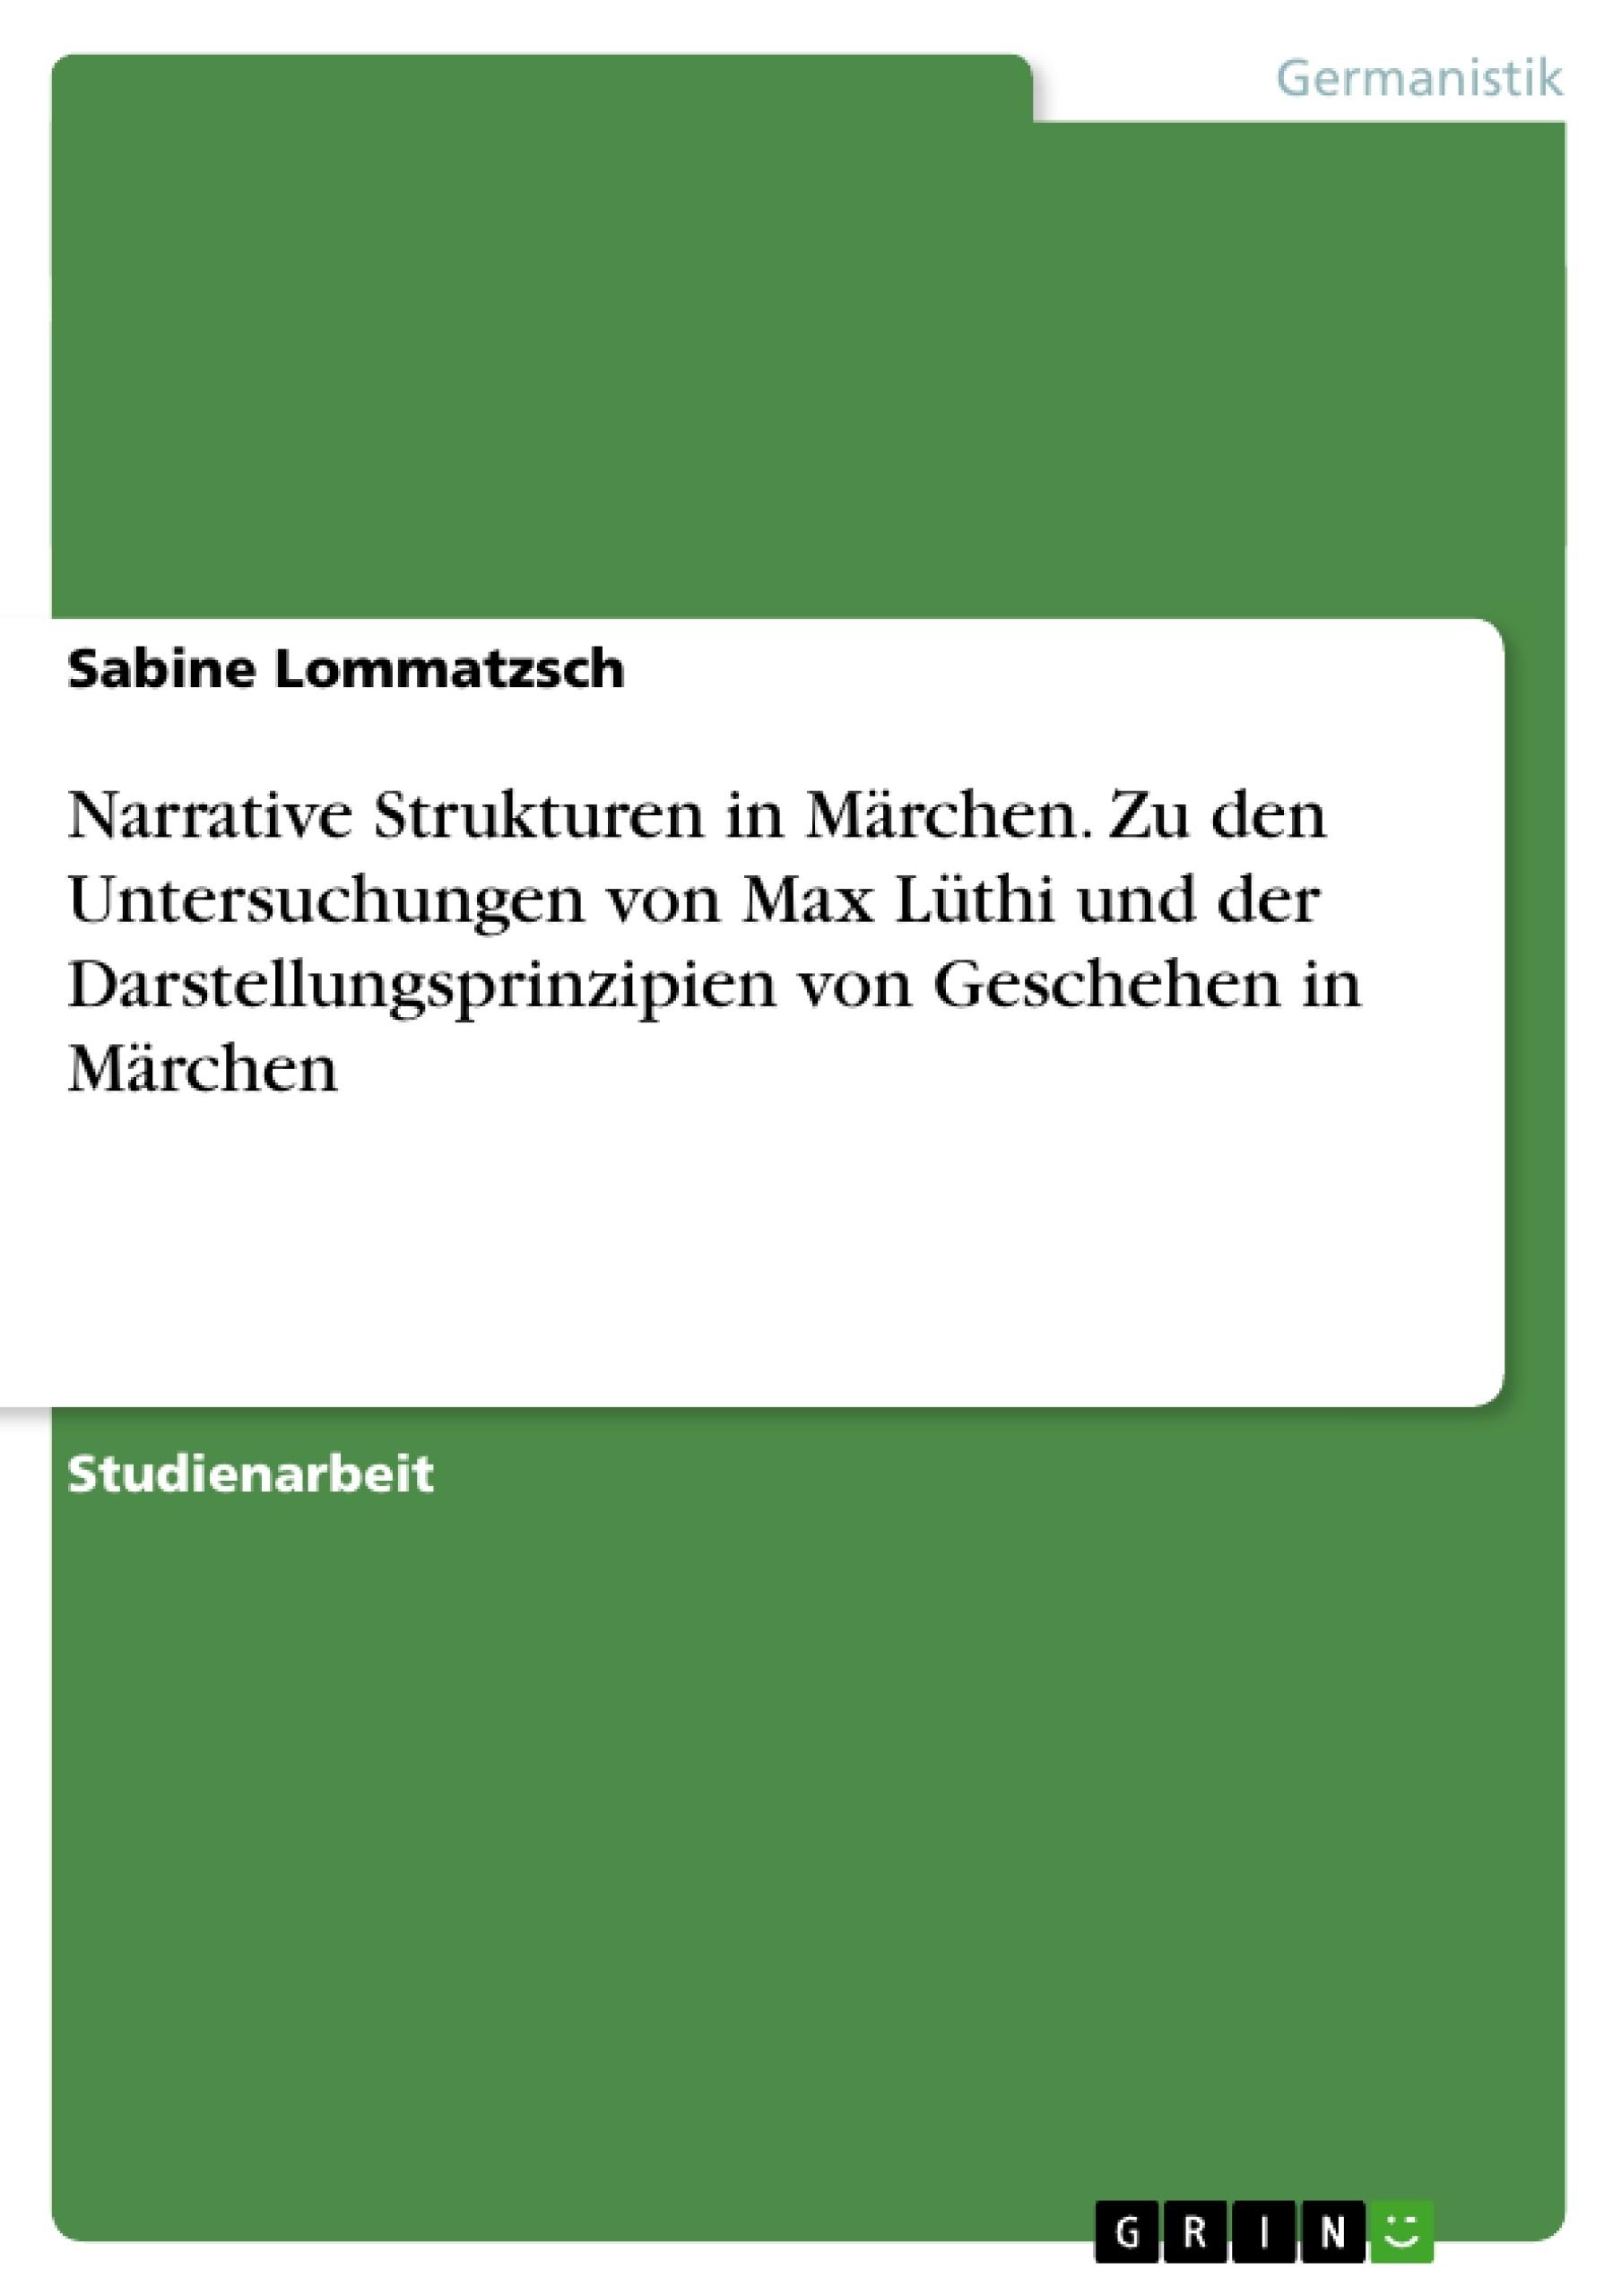 Titel: Narrative Strukturen in Märchen. Zu den Untersuchungen von Max Lüthi und der Darstellungsprinzipien von Geschehen in Märchen